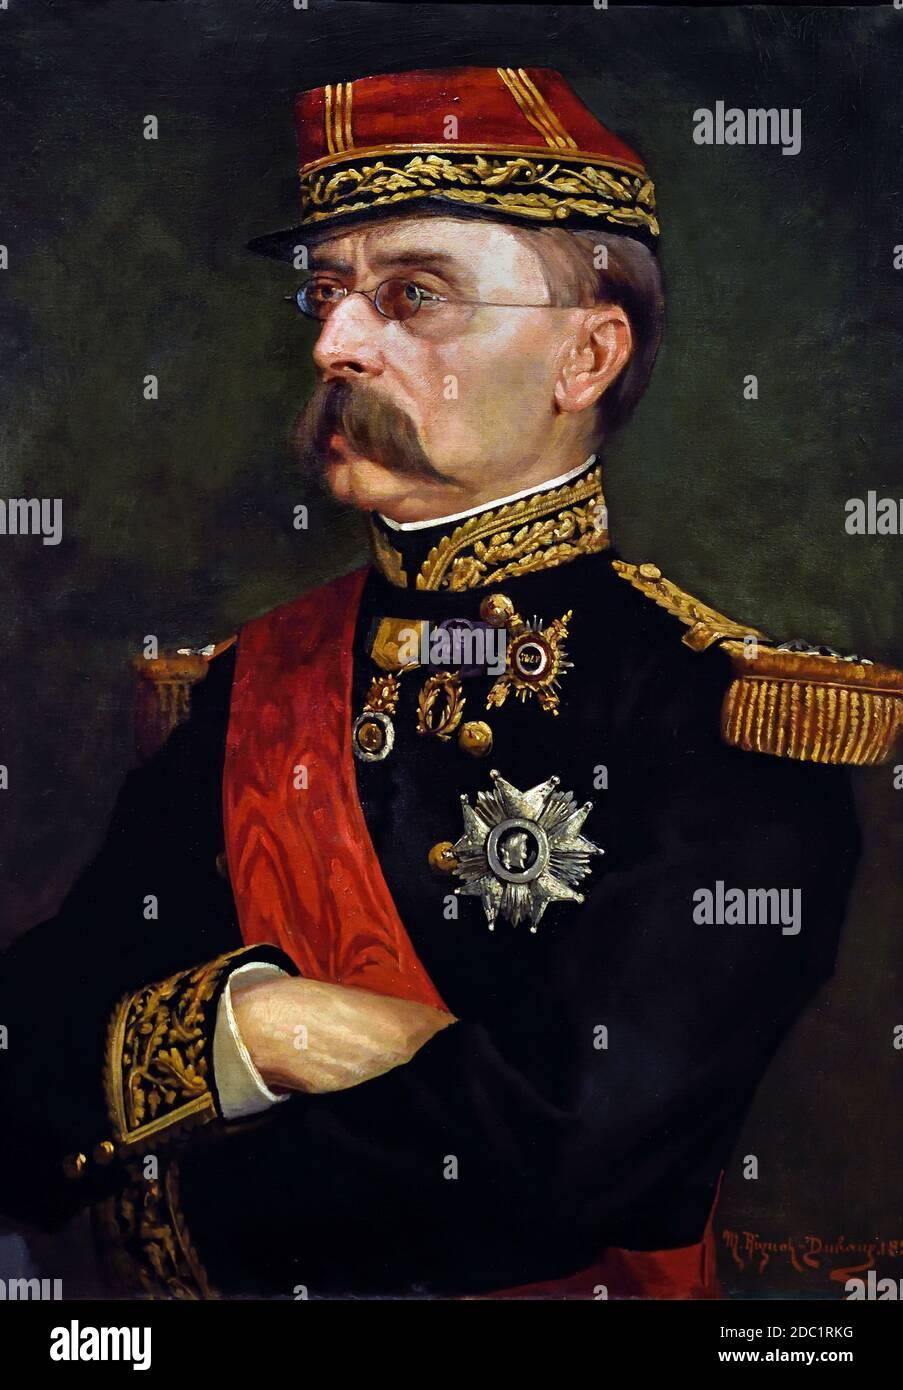 El general francés Louis Faidherbe (1818-1889).1884 por Marie-Madeleine Rignot-Dubaux (1857-1887) Francia, francés. Foto de stock